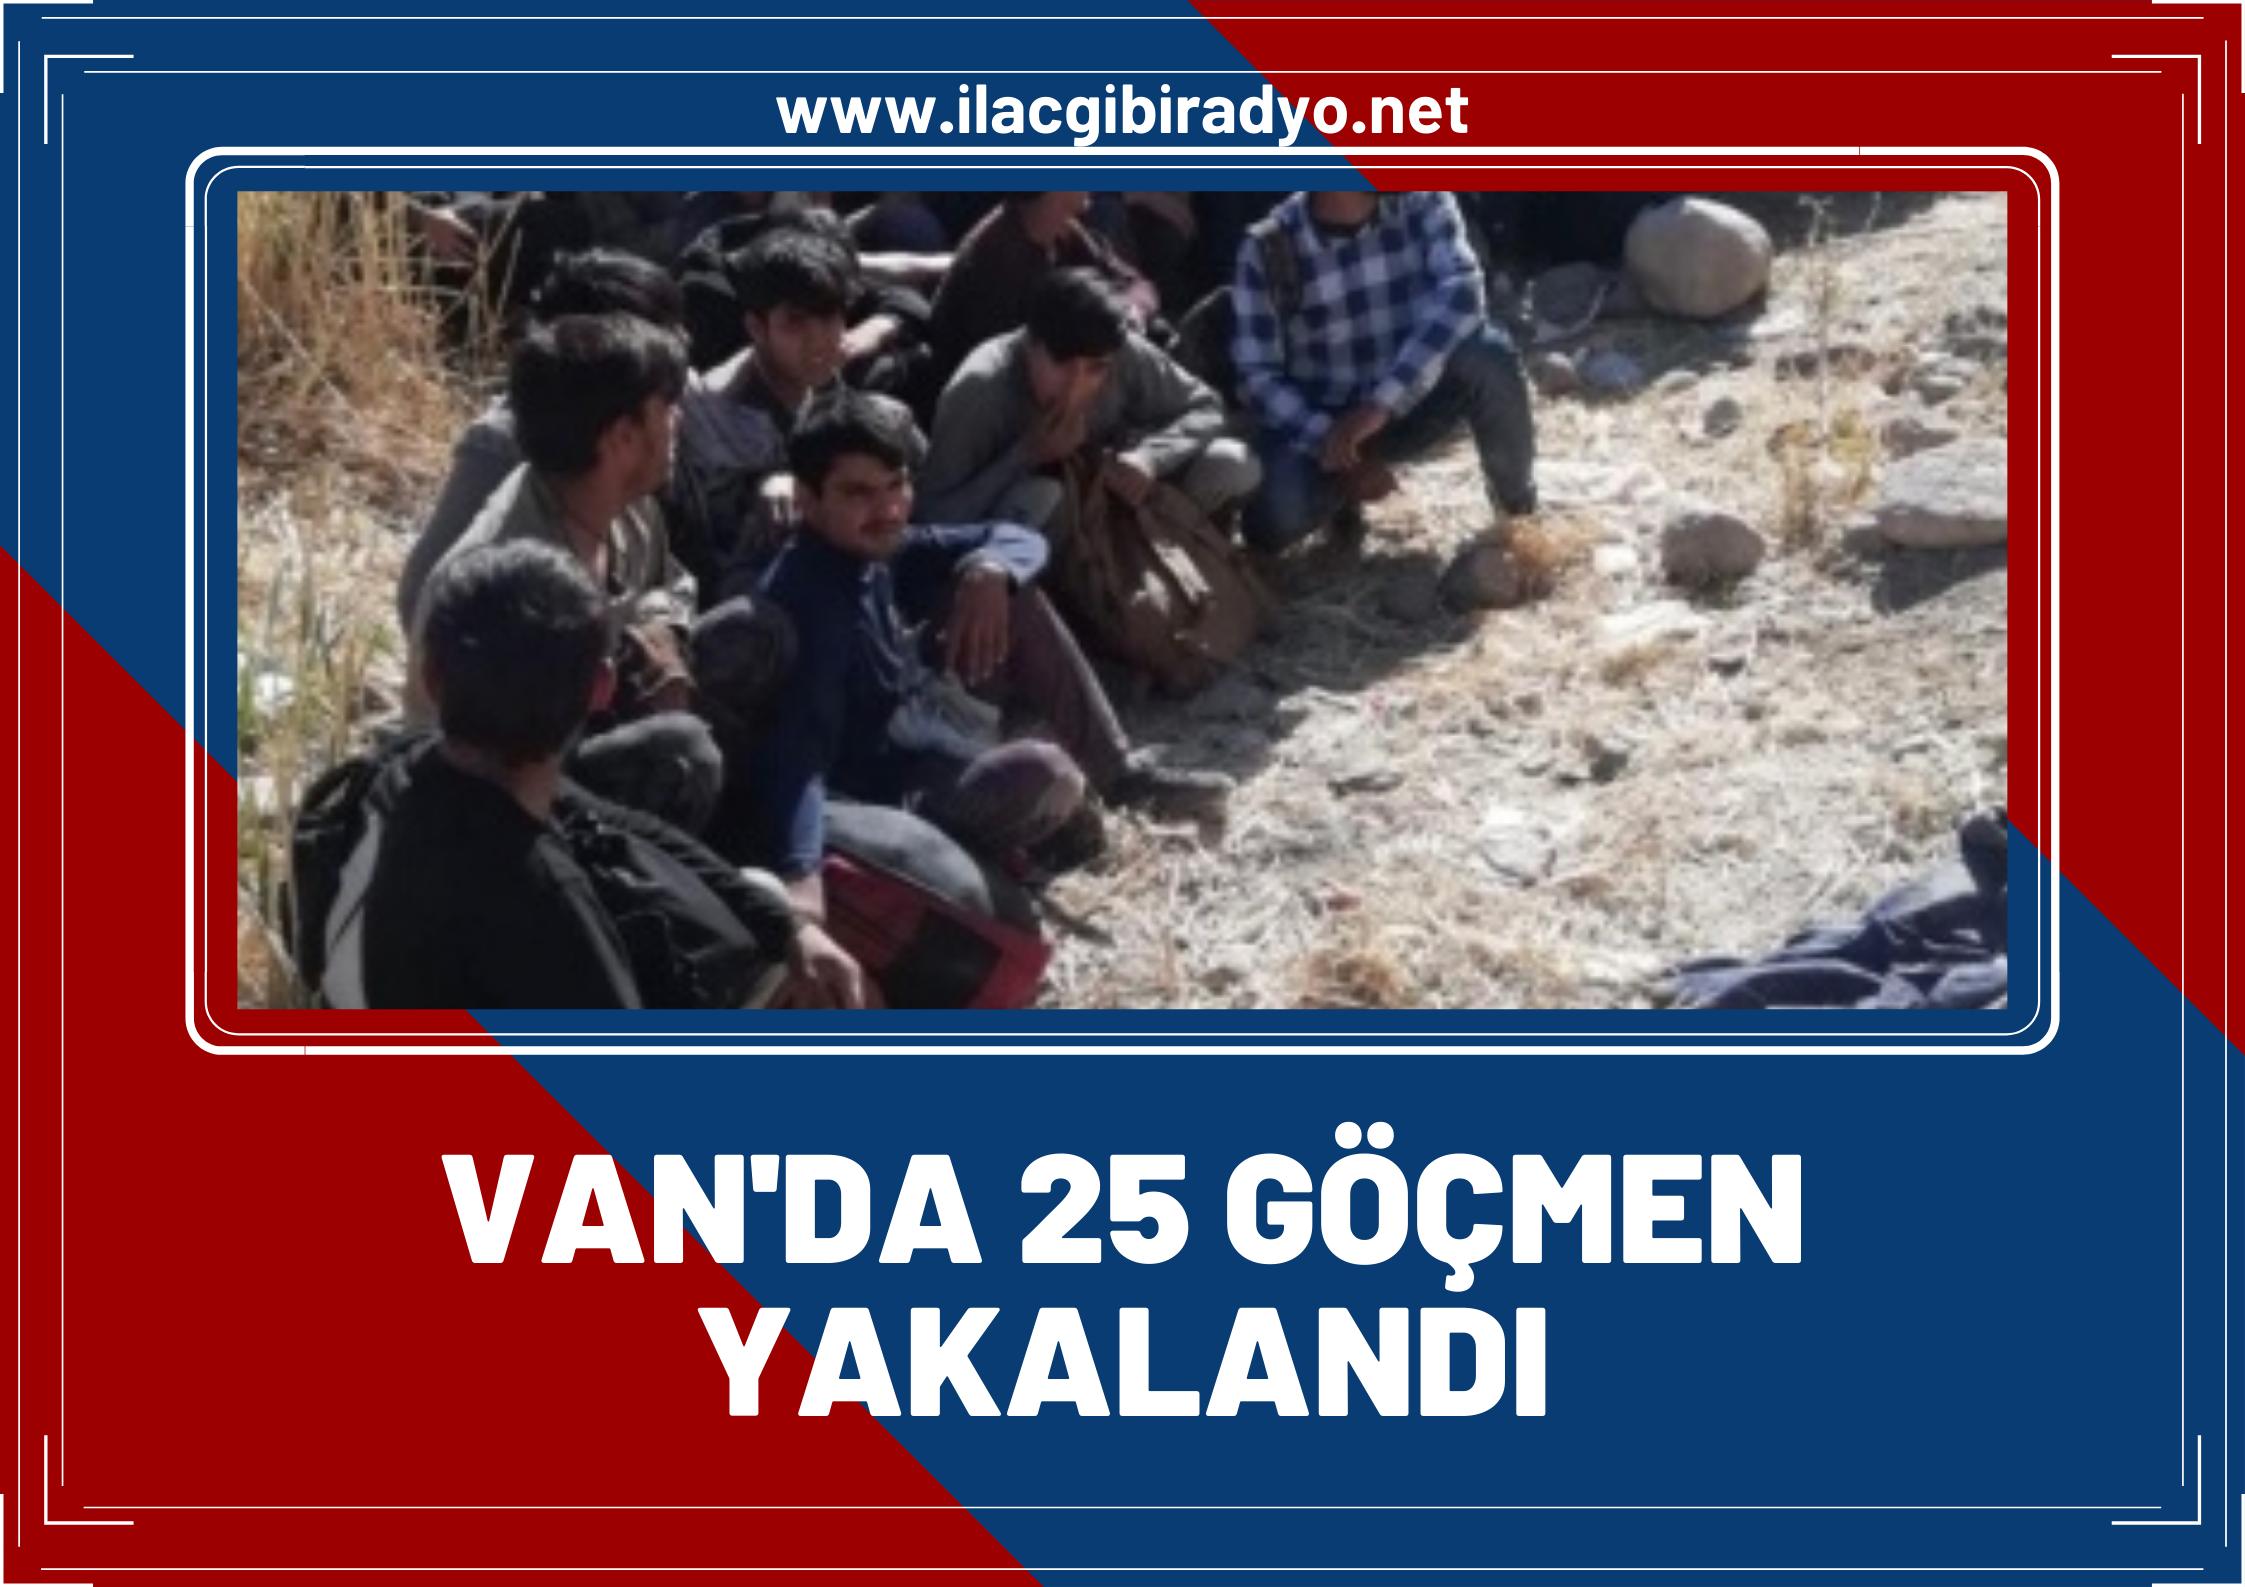 Van'da göçmenlere geçit yok! 25 düzensiz göçmen yakalandı